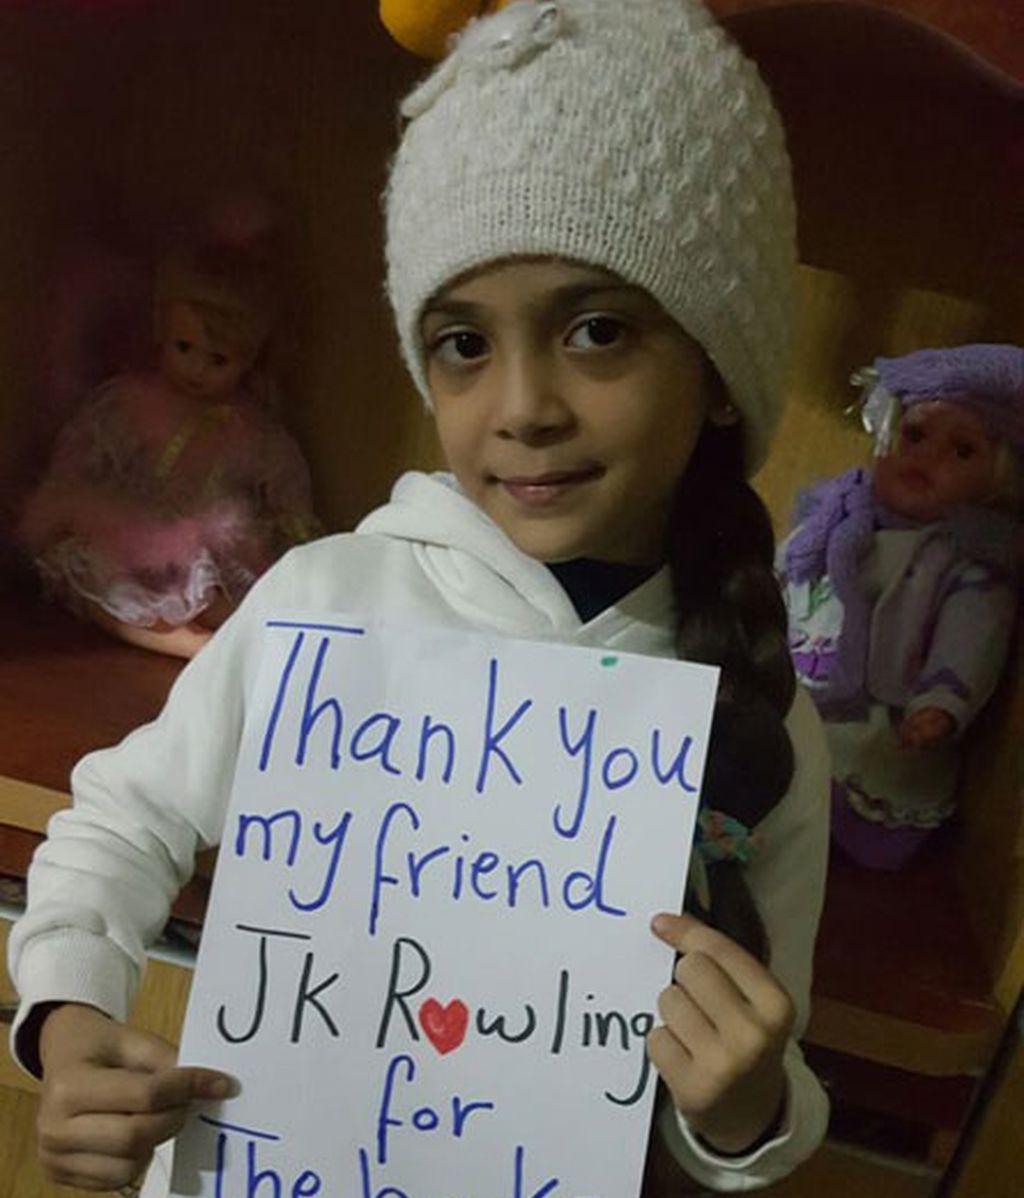 Una niña siria agradece desde Alepo a J.K. Rowling permitirla leer sus libros